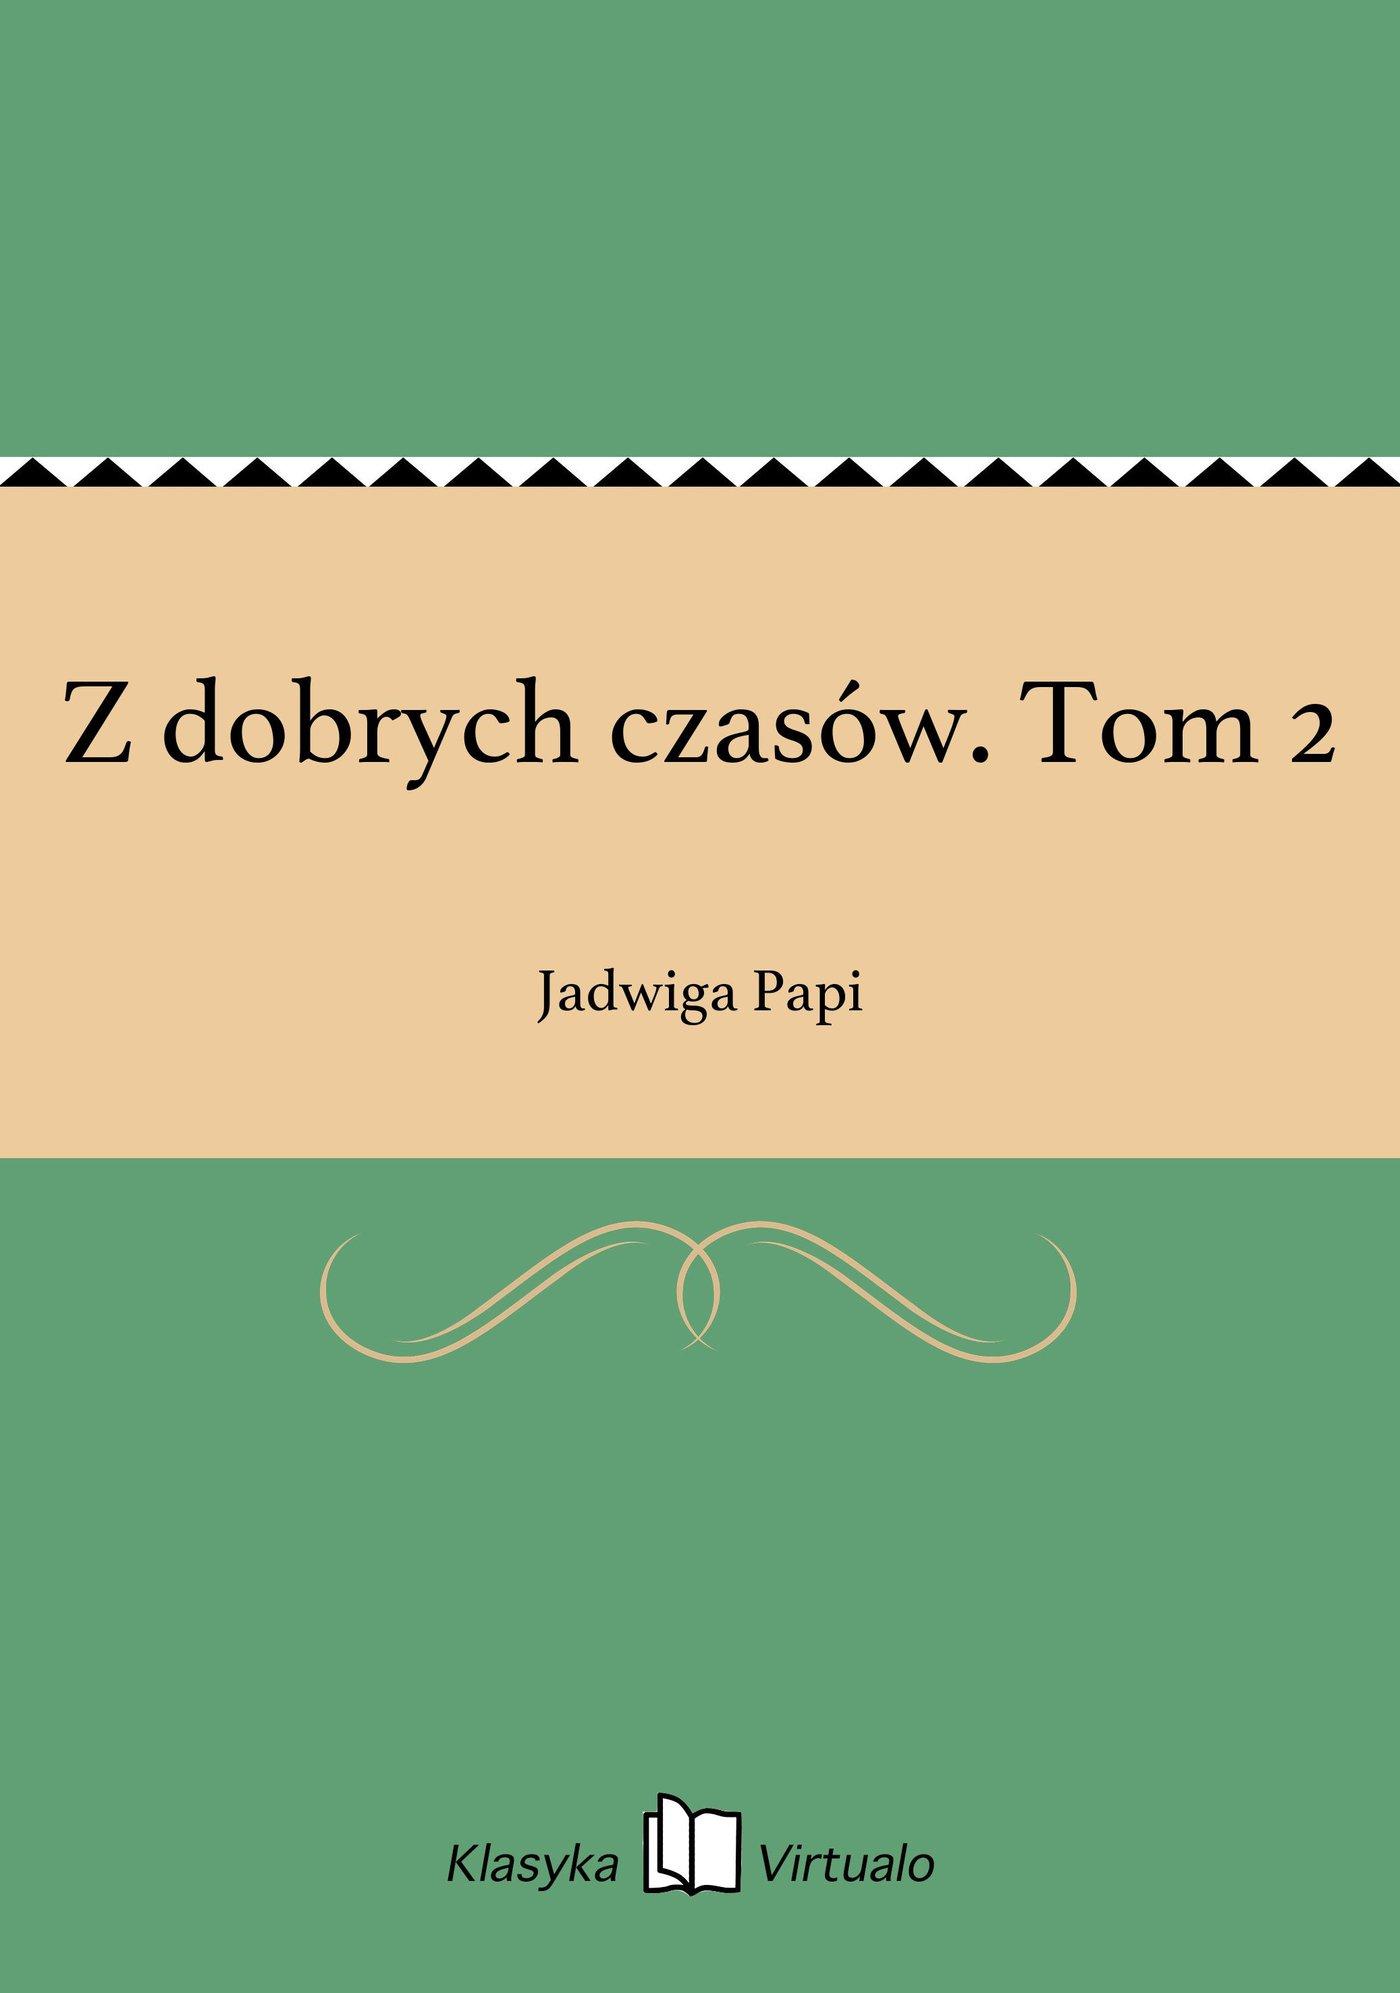 Z dobrych czasów. Tom 2 - Ebook (Książka EPUB) do pobrania w formacie EPUB